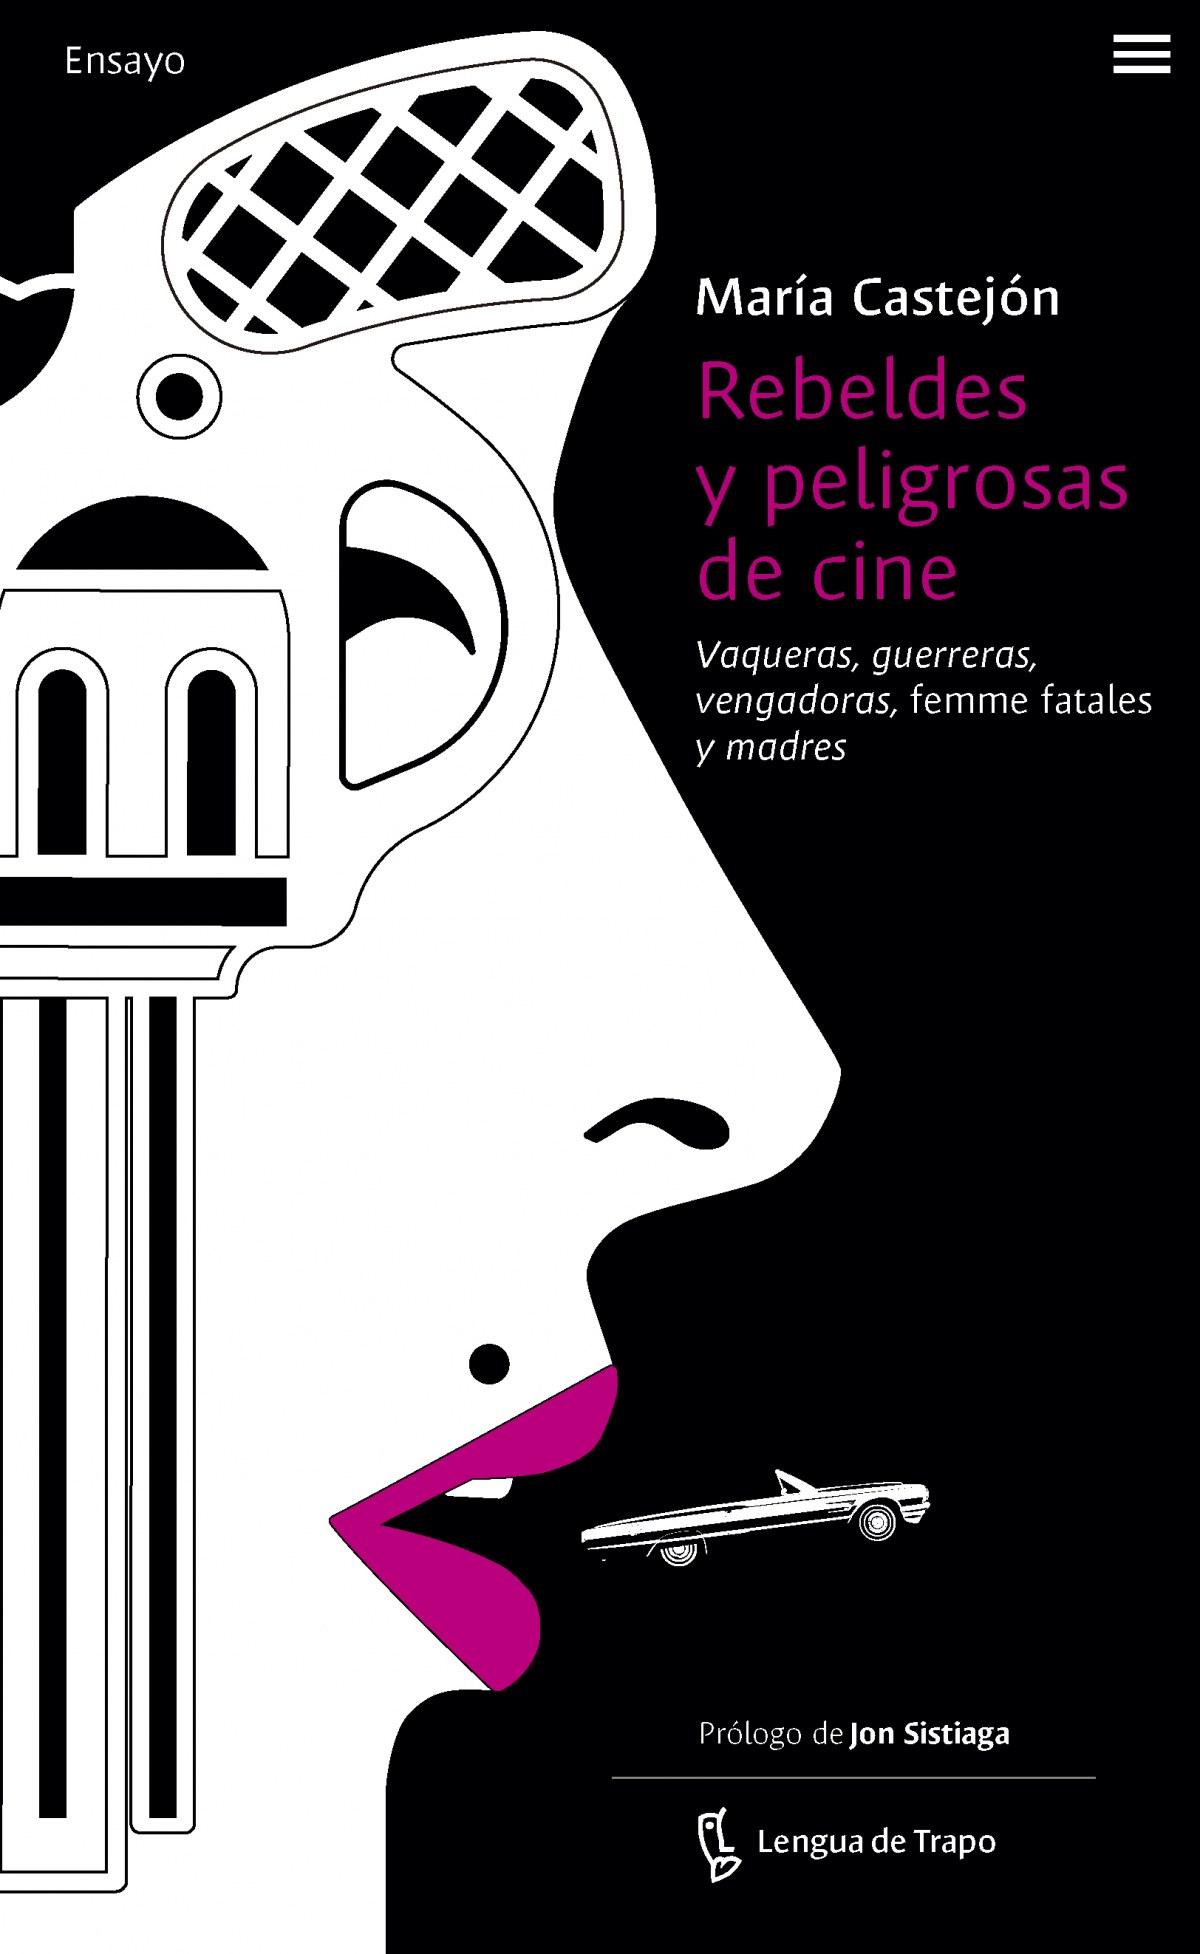 Rebeldes y peligrosas de cine